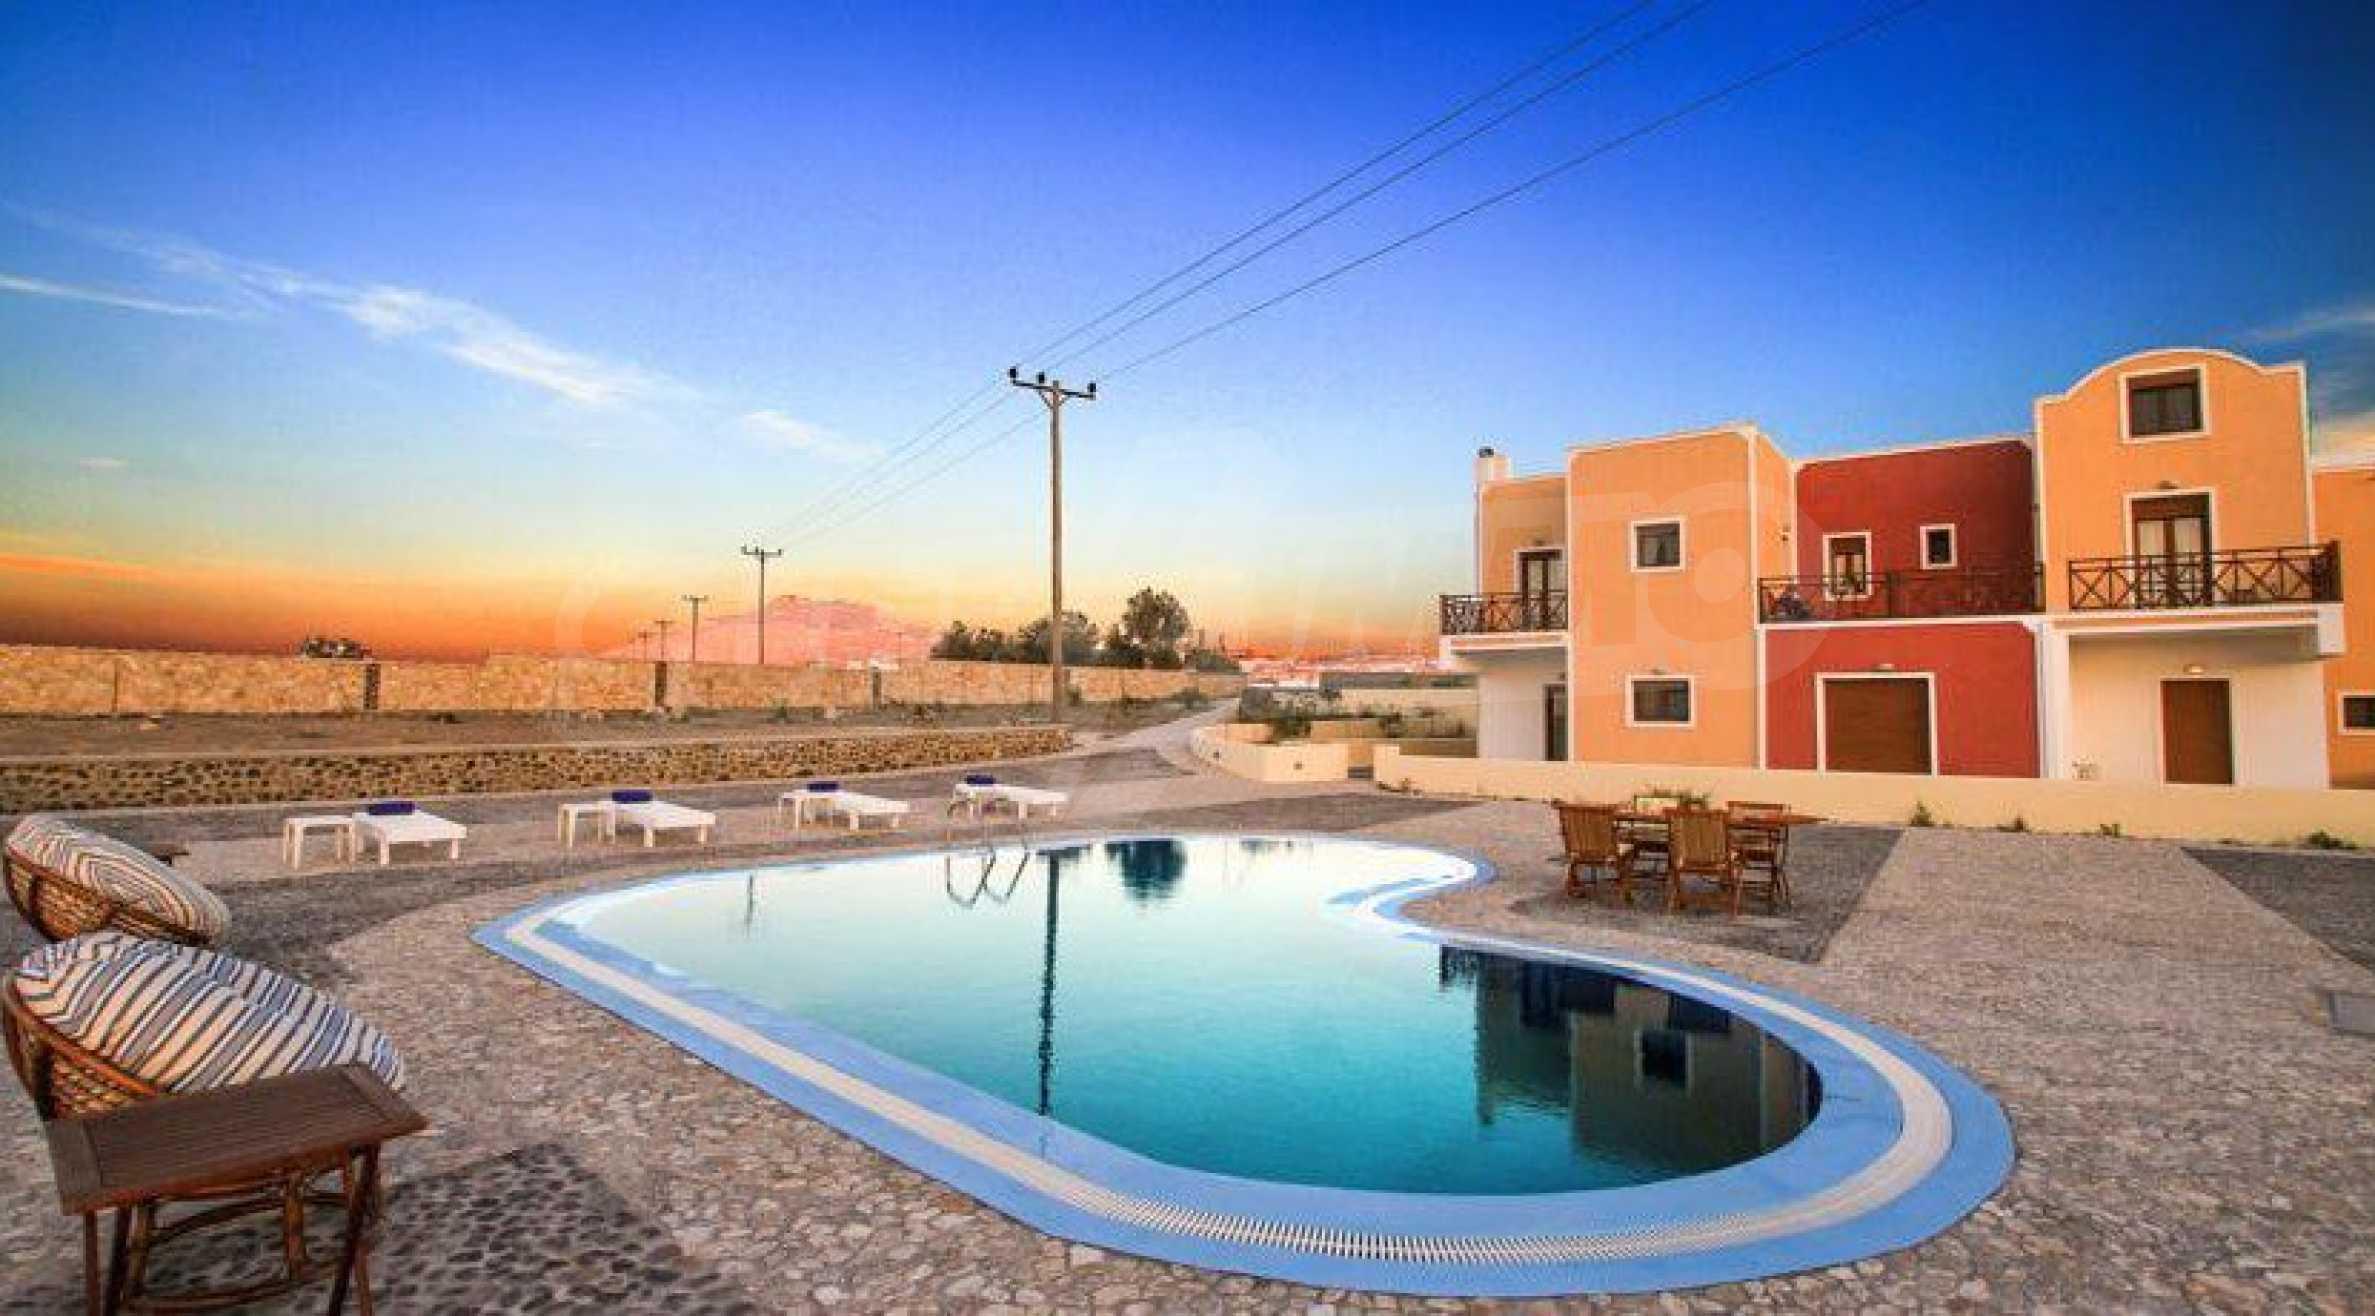 Двуетажна резиденция с открит басейн и изглед към Егейско